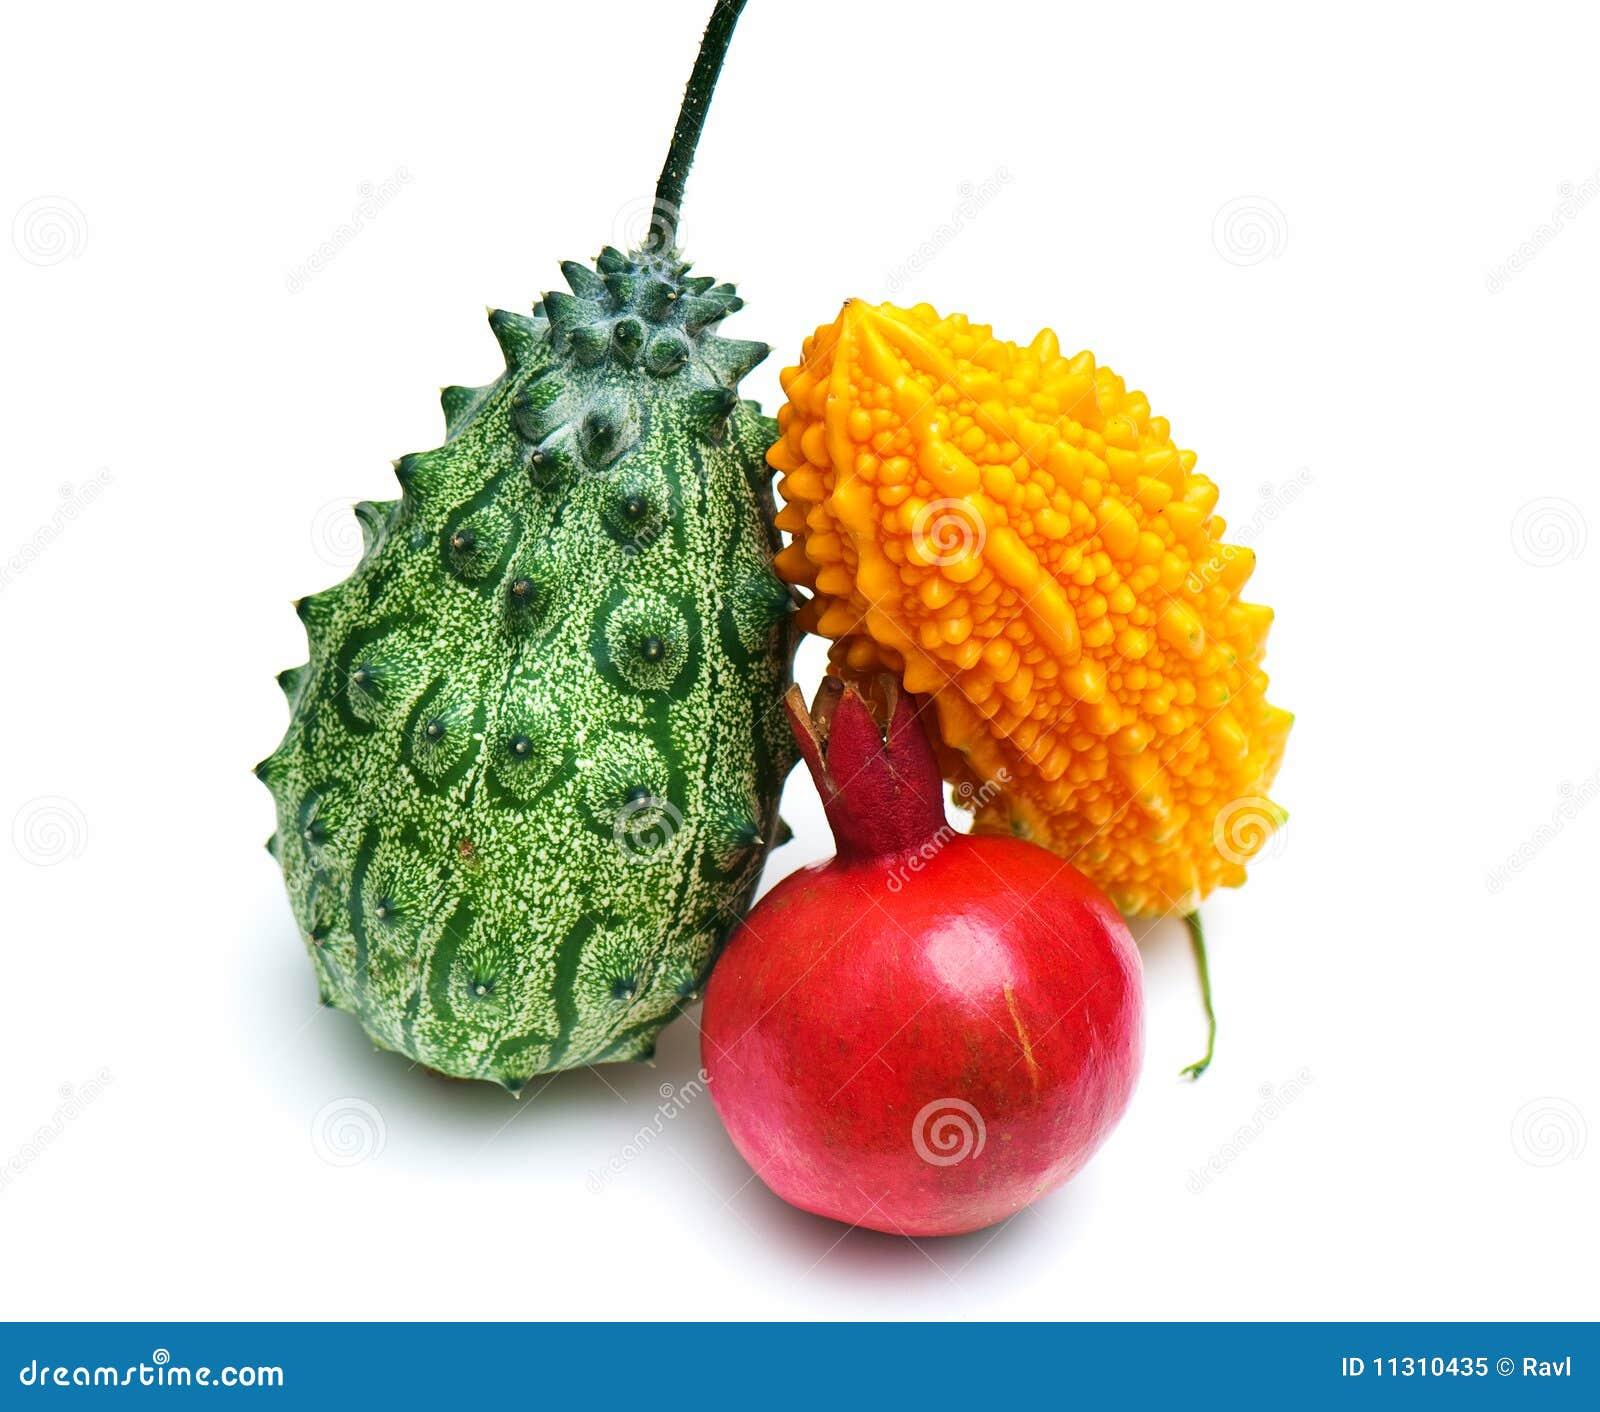 Composition de fruit exotique photo libre de droits - Image fruit exotique ...